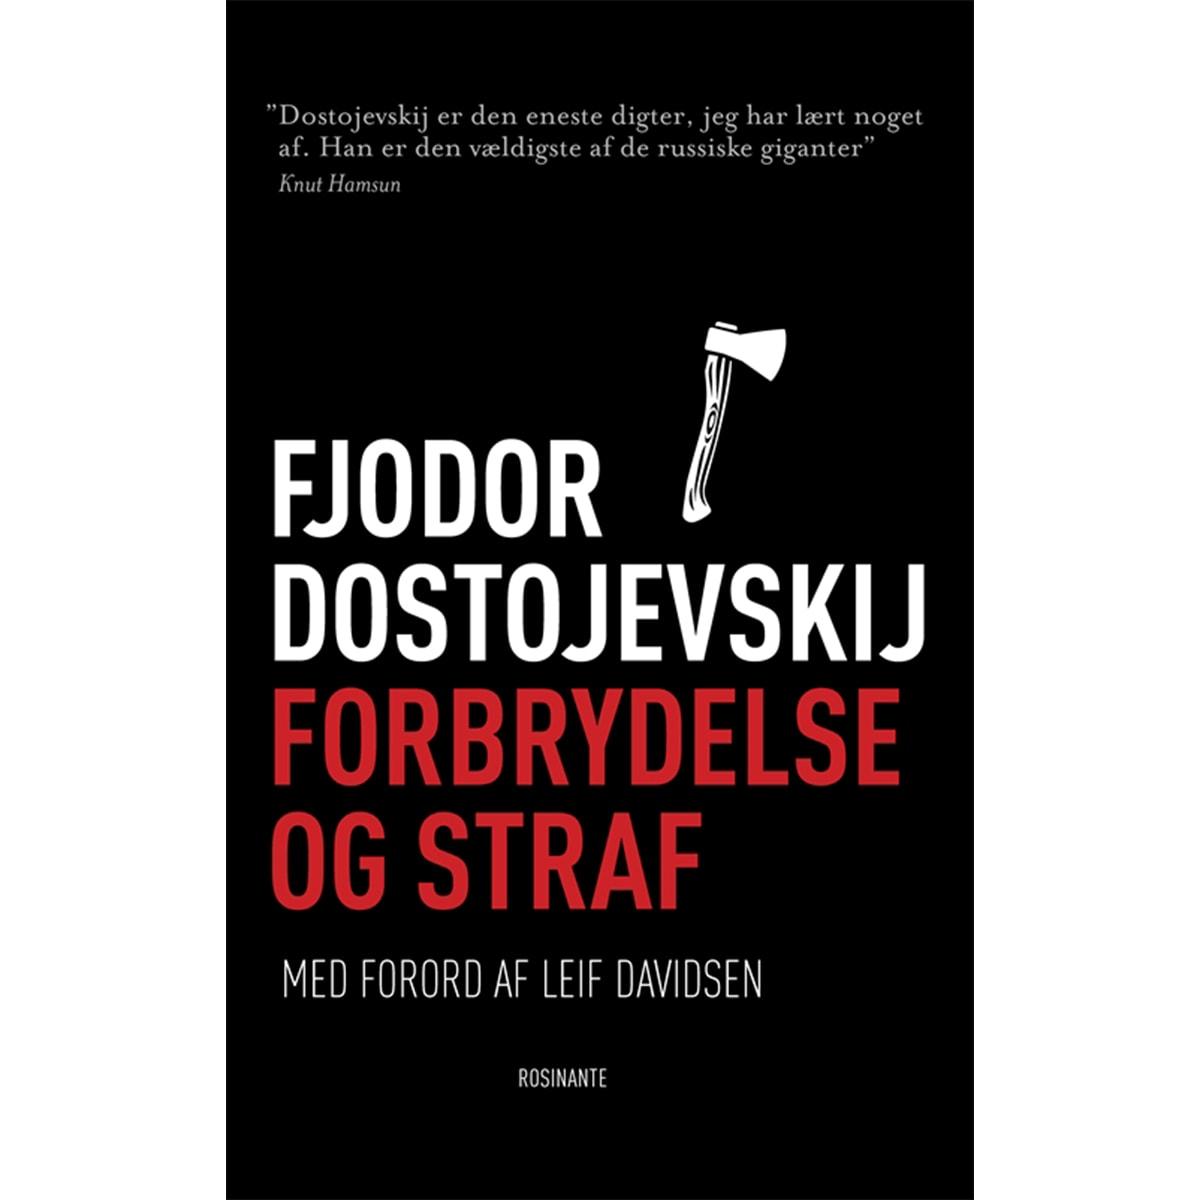 Af Fjodor Dostojevskij